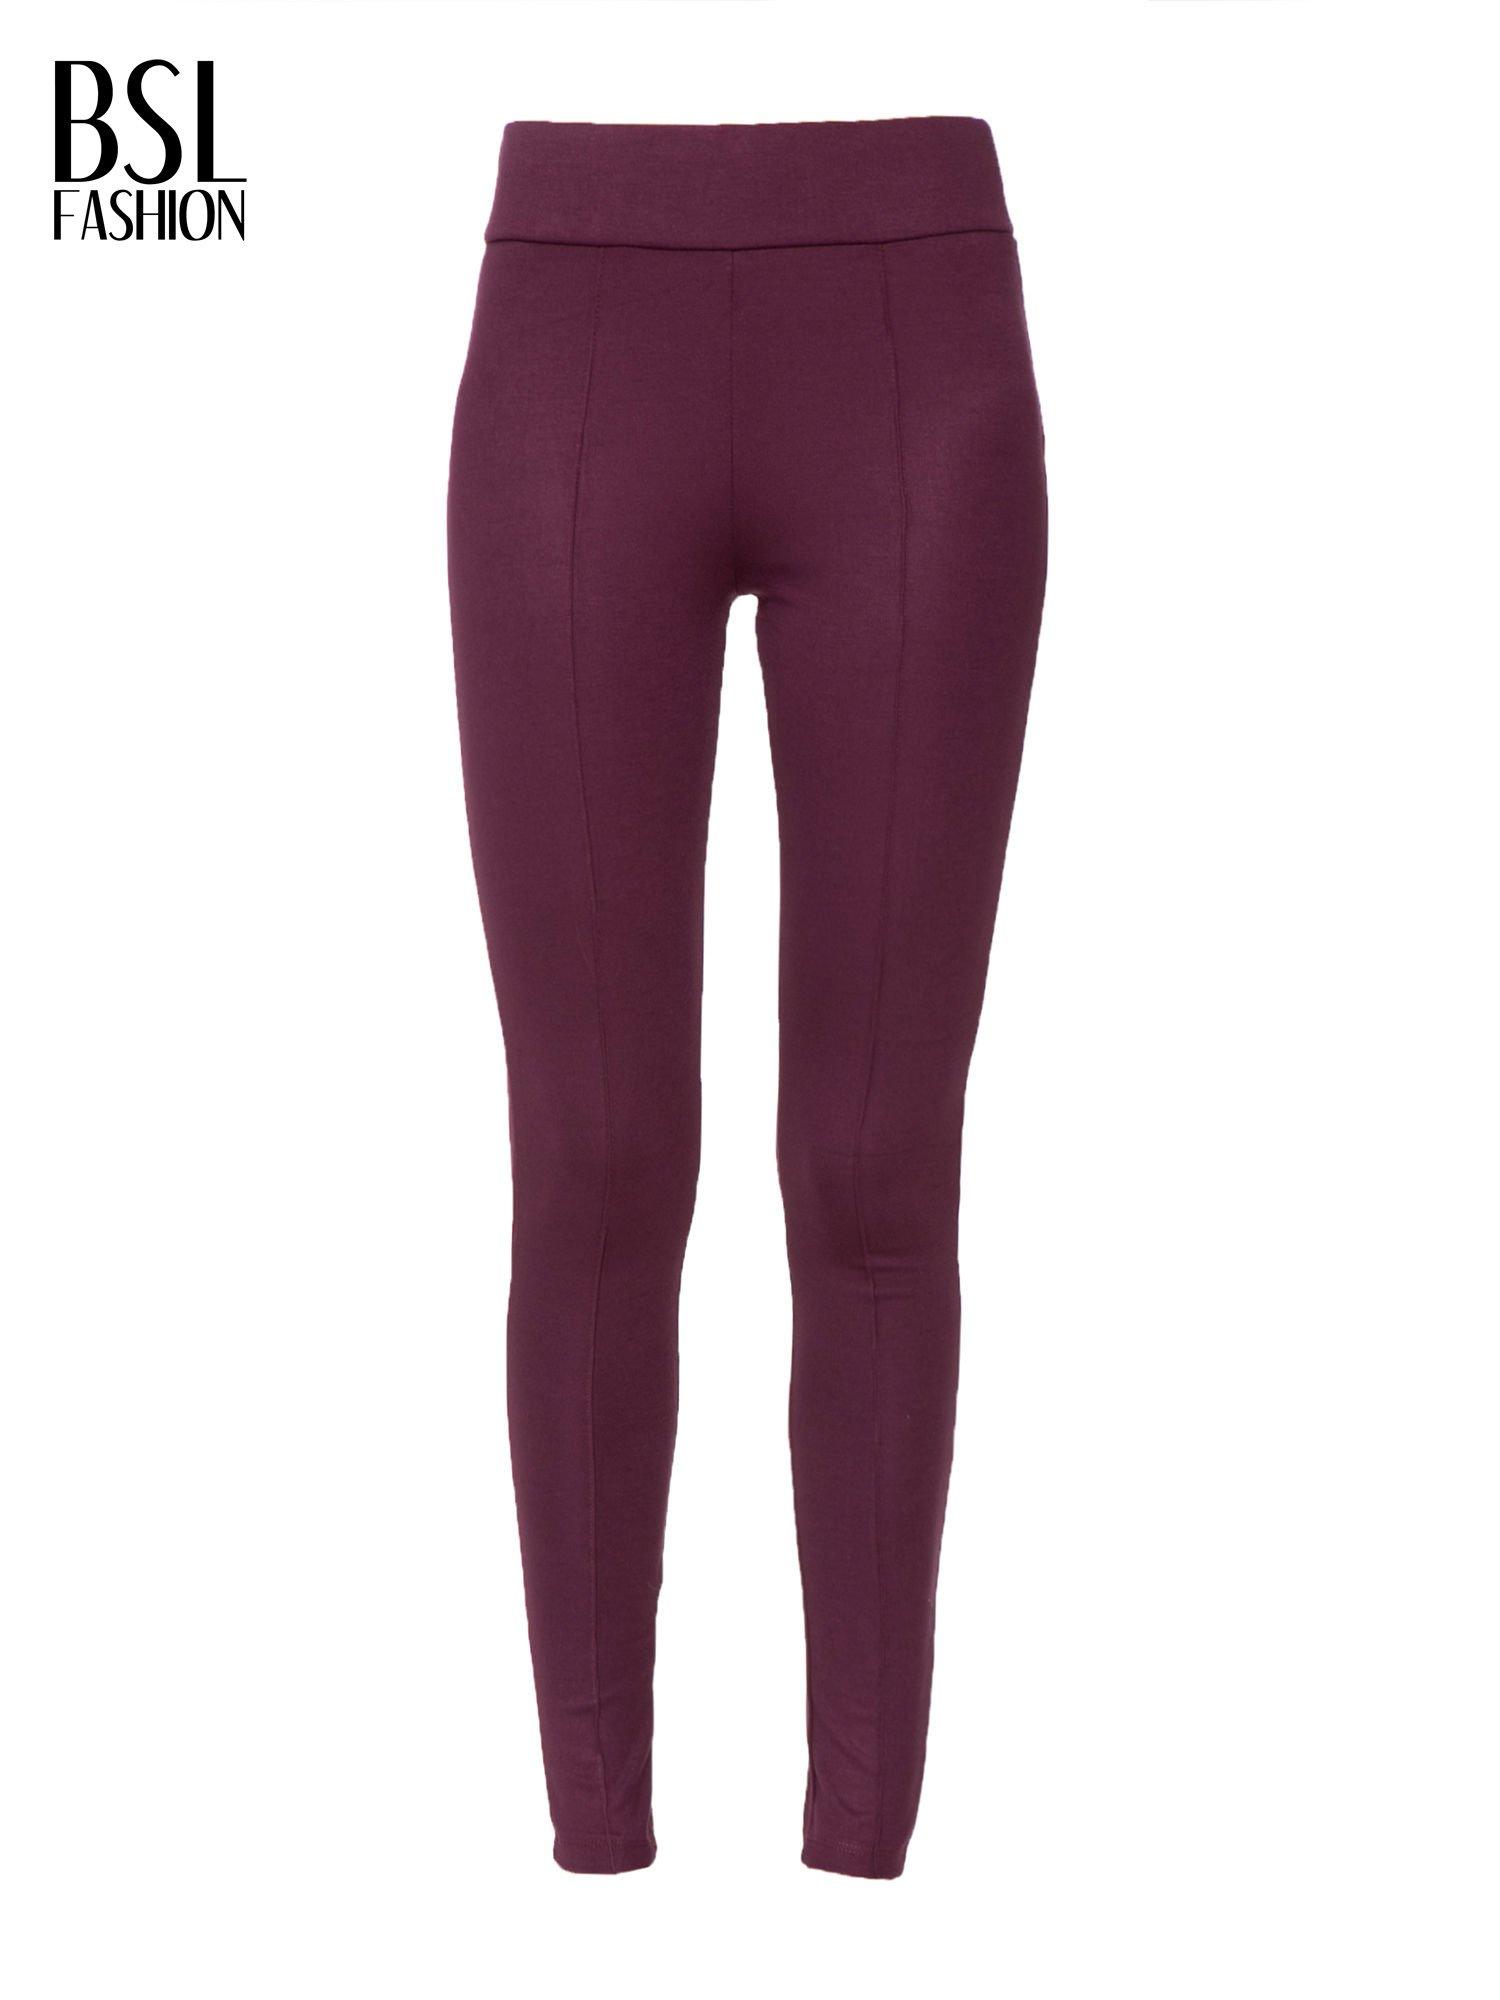 Borodowe modelujące legginsy z wysokim stanem i szwem wzdłuż nogawki                                  zdj.                                  5